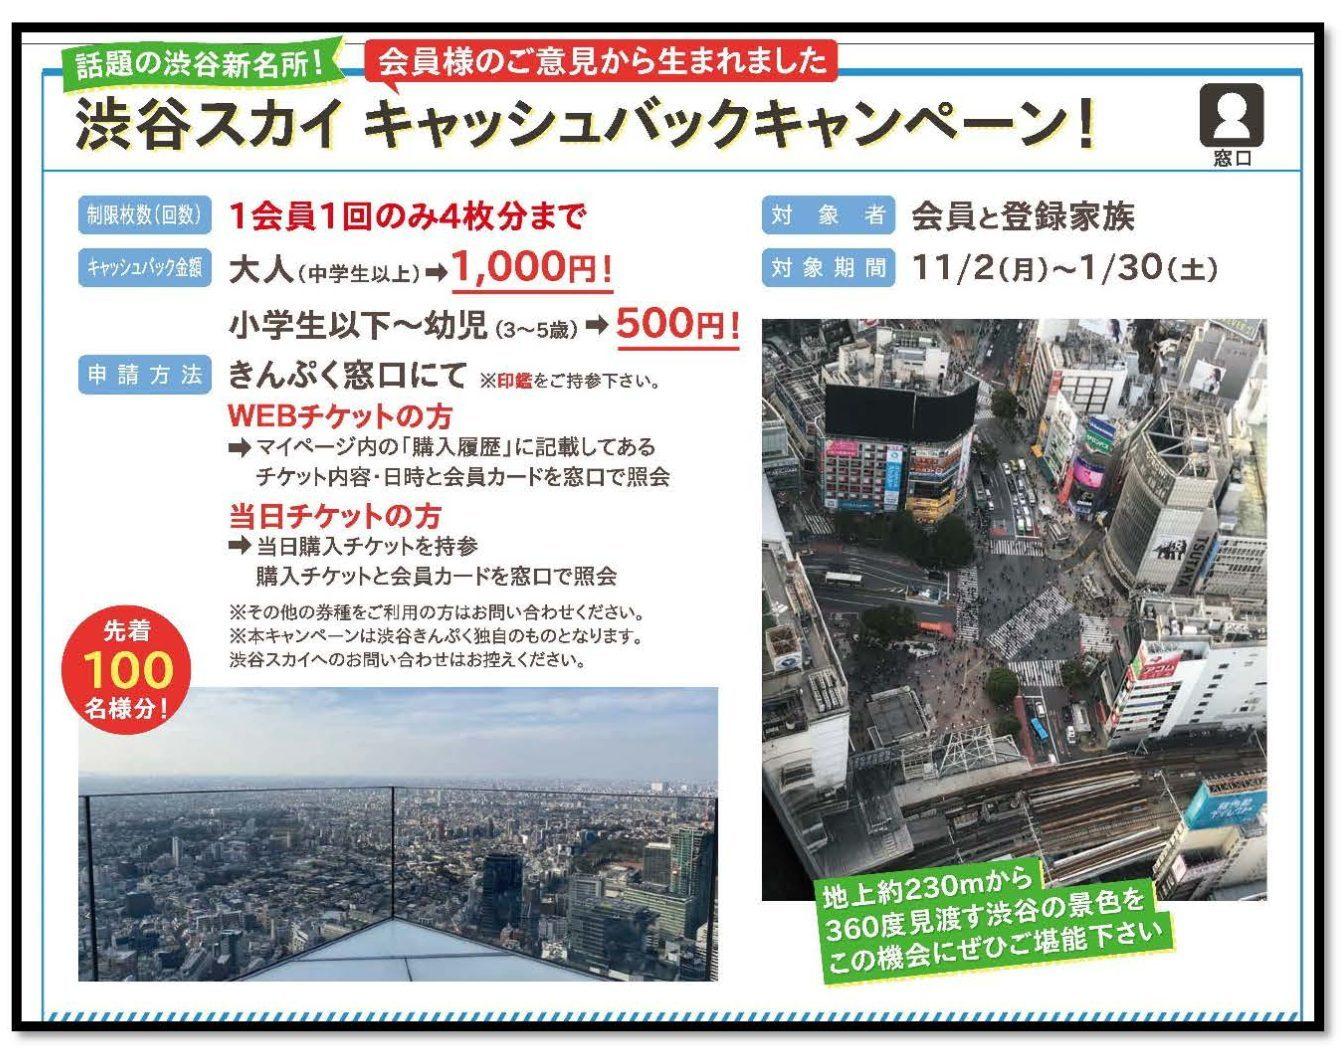 《お早目に申請してください》渋谷スカイの入場料キャッシュバック!